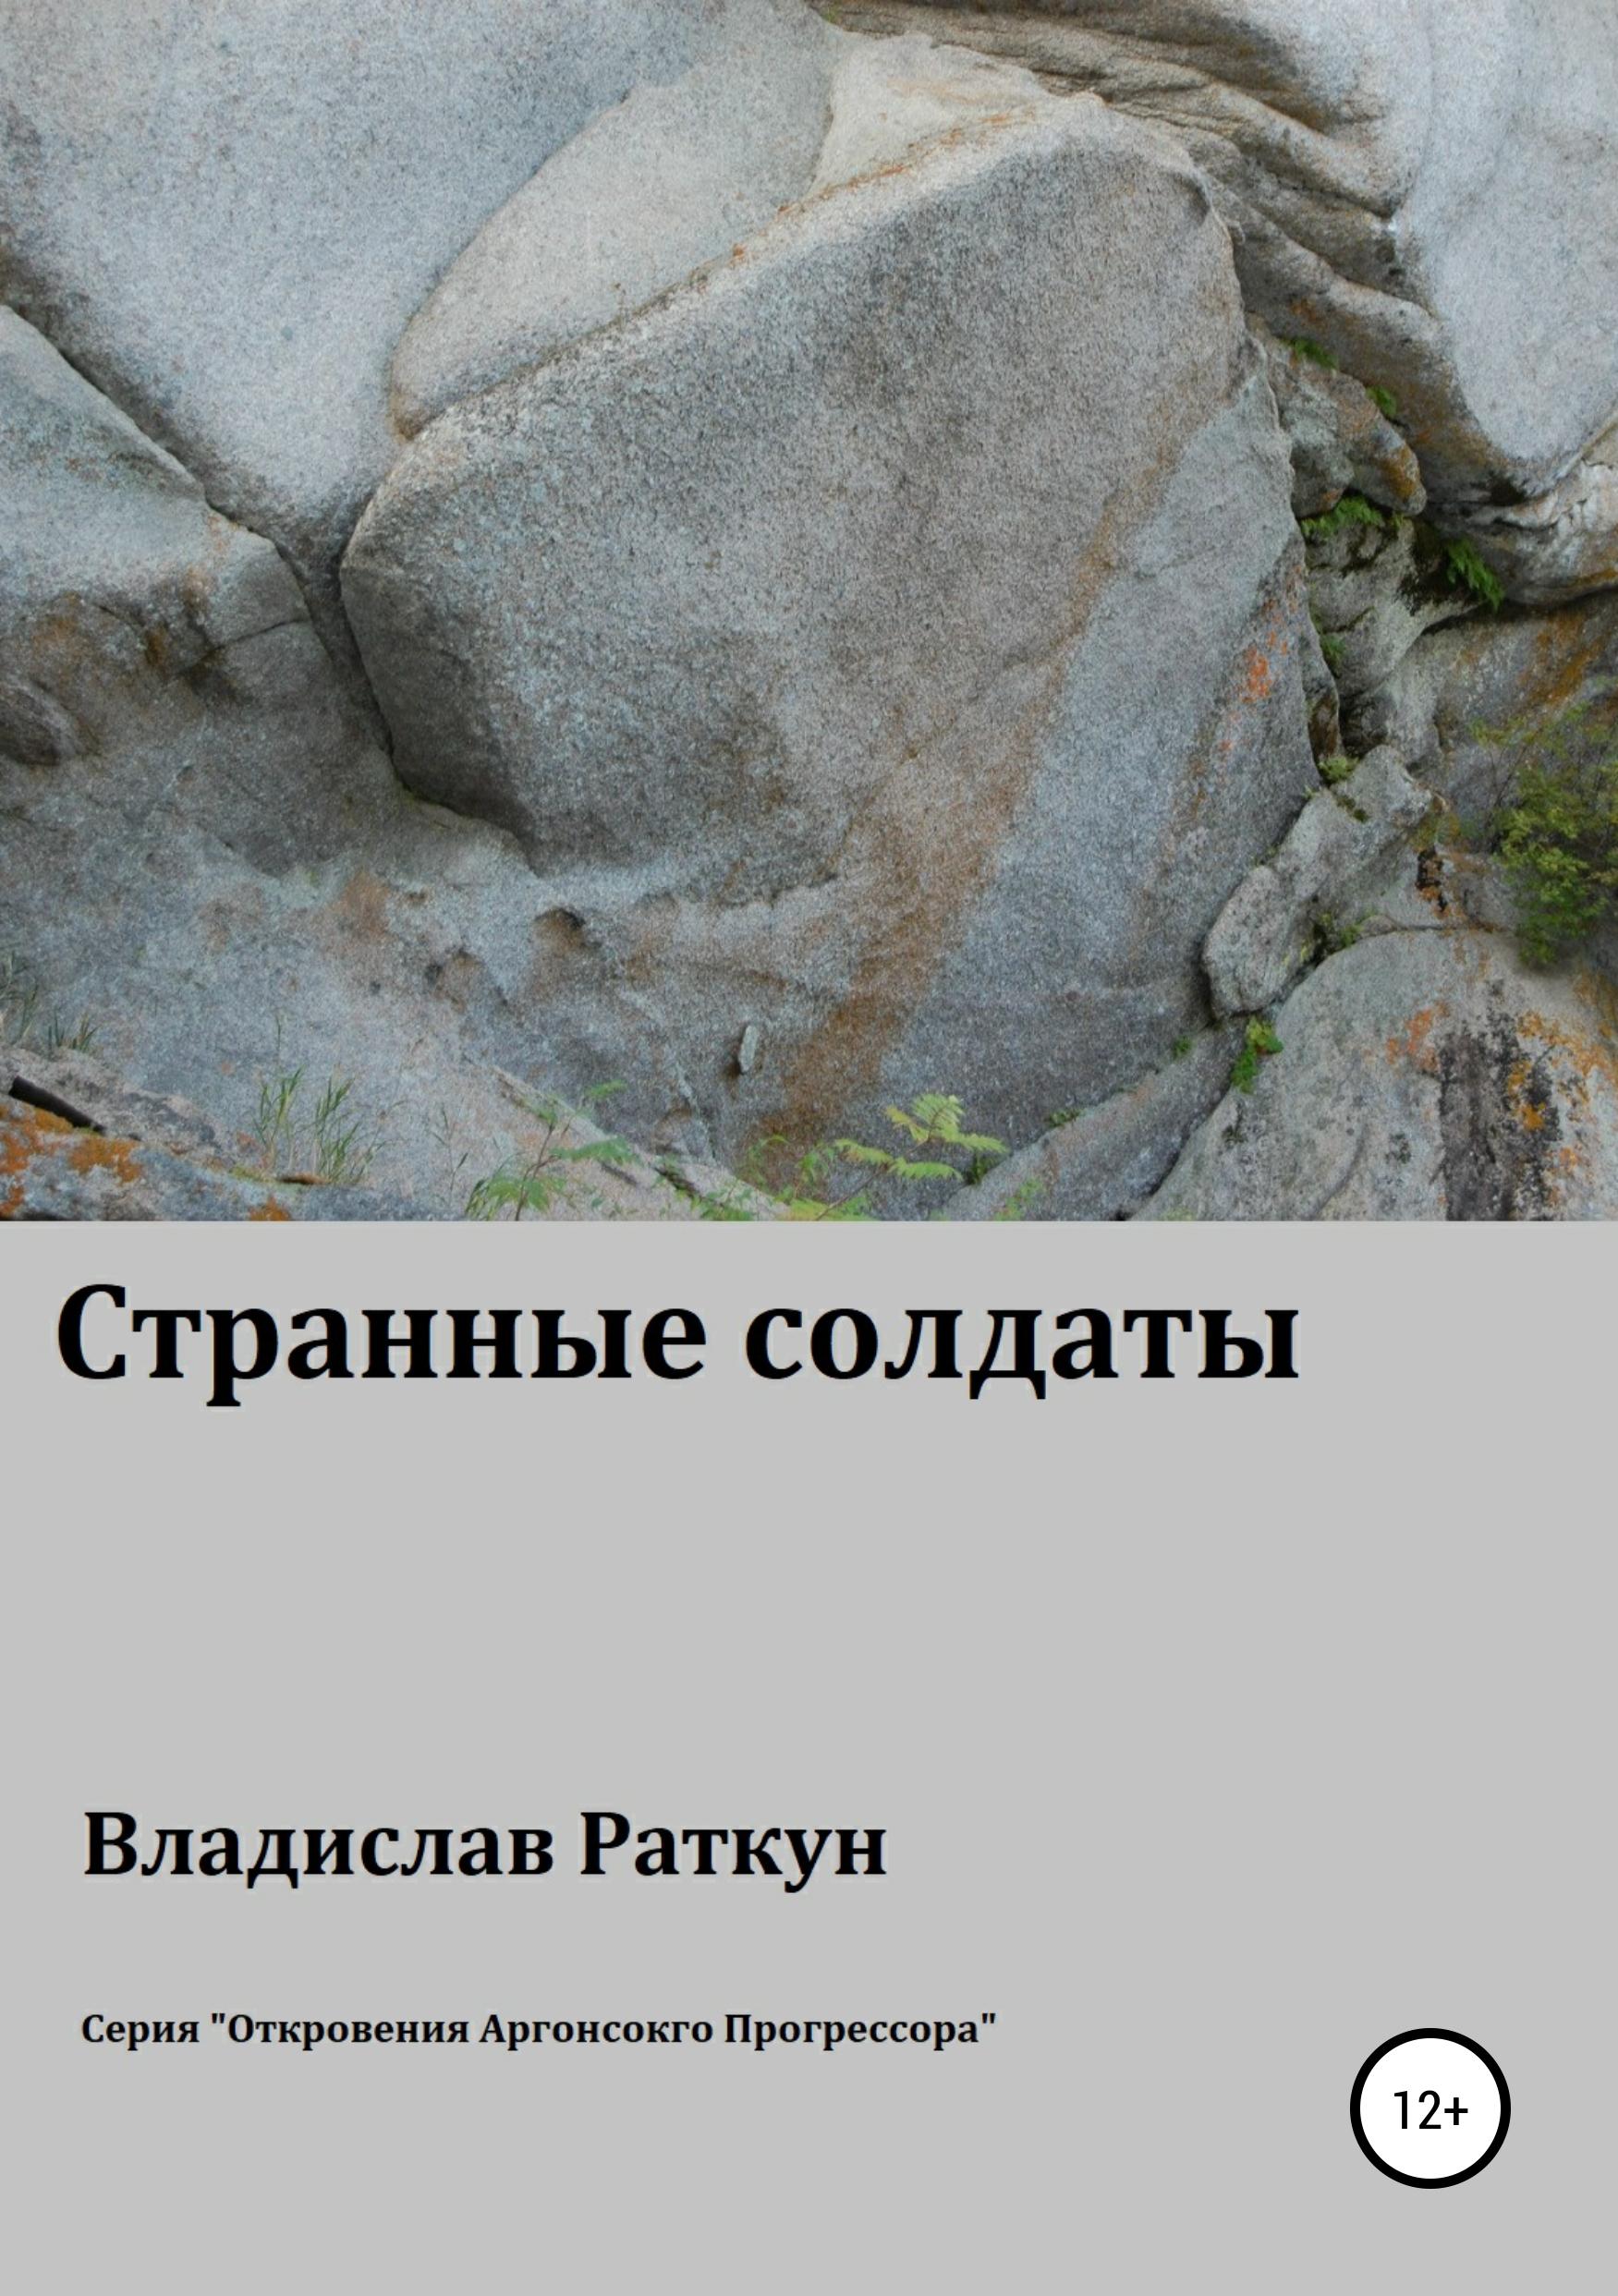 Купить книгу Странные солдаты, автора Владислава Геннадьевича Раткуна